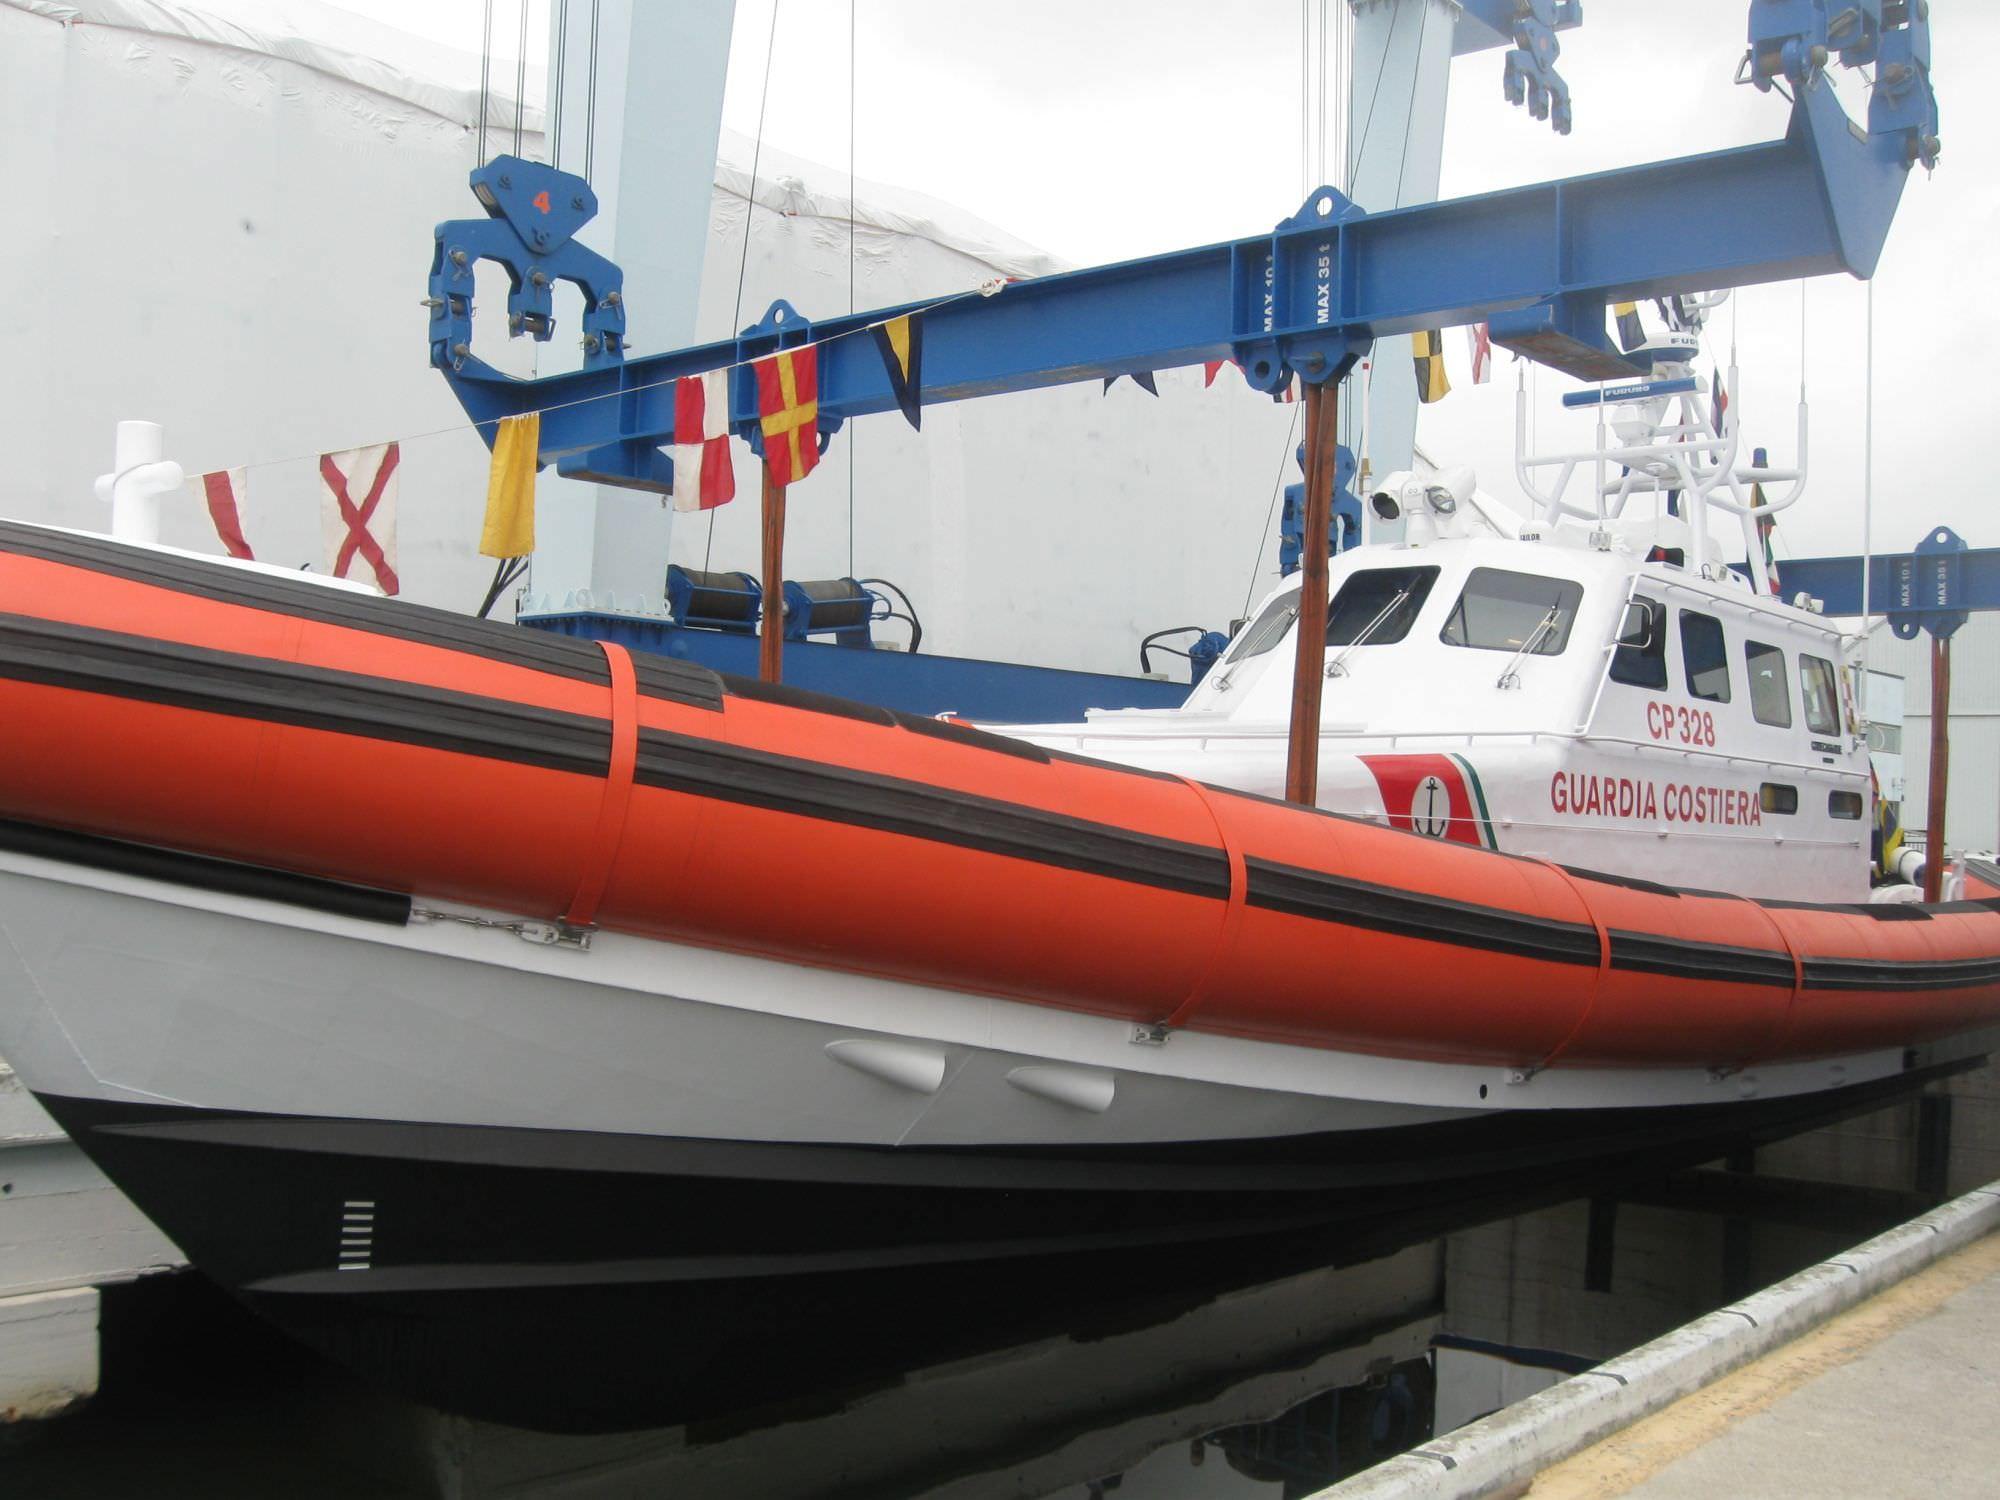 Varata nel cantiere Codecasa la nuova motovedetta della Guardia Costiera